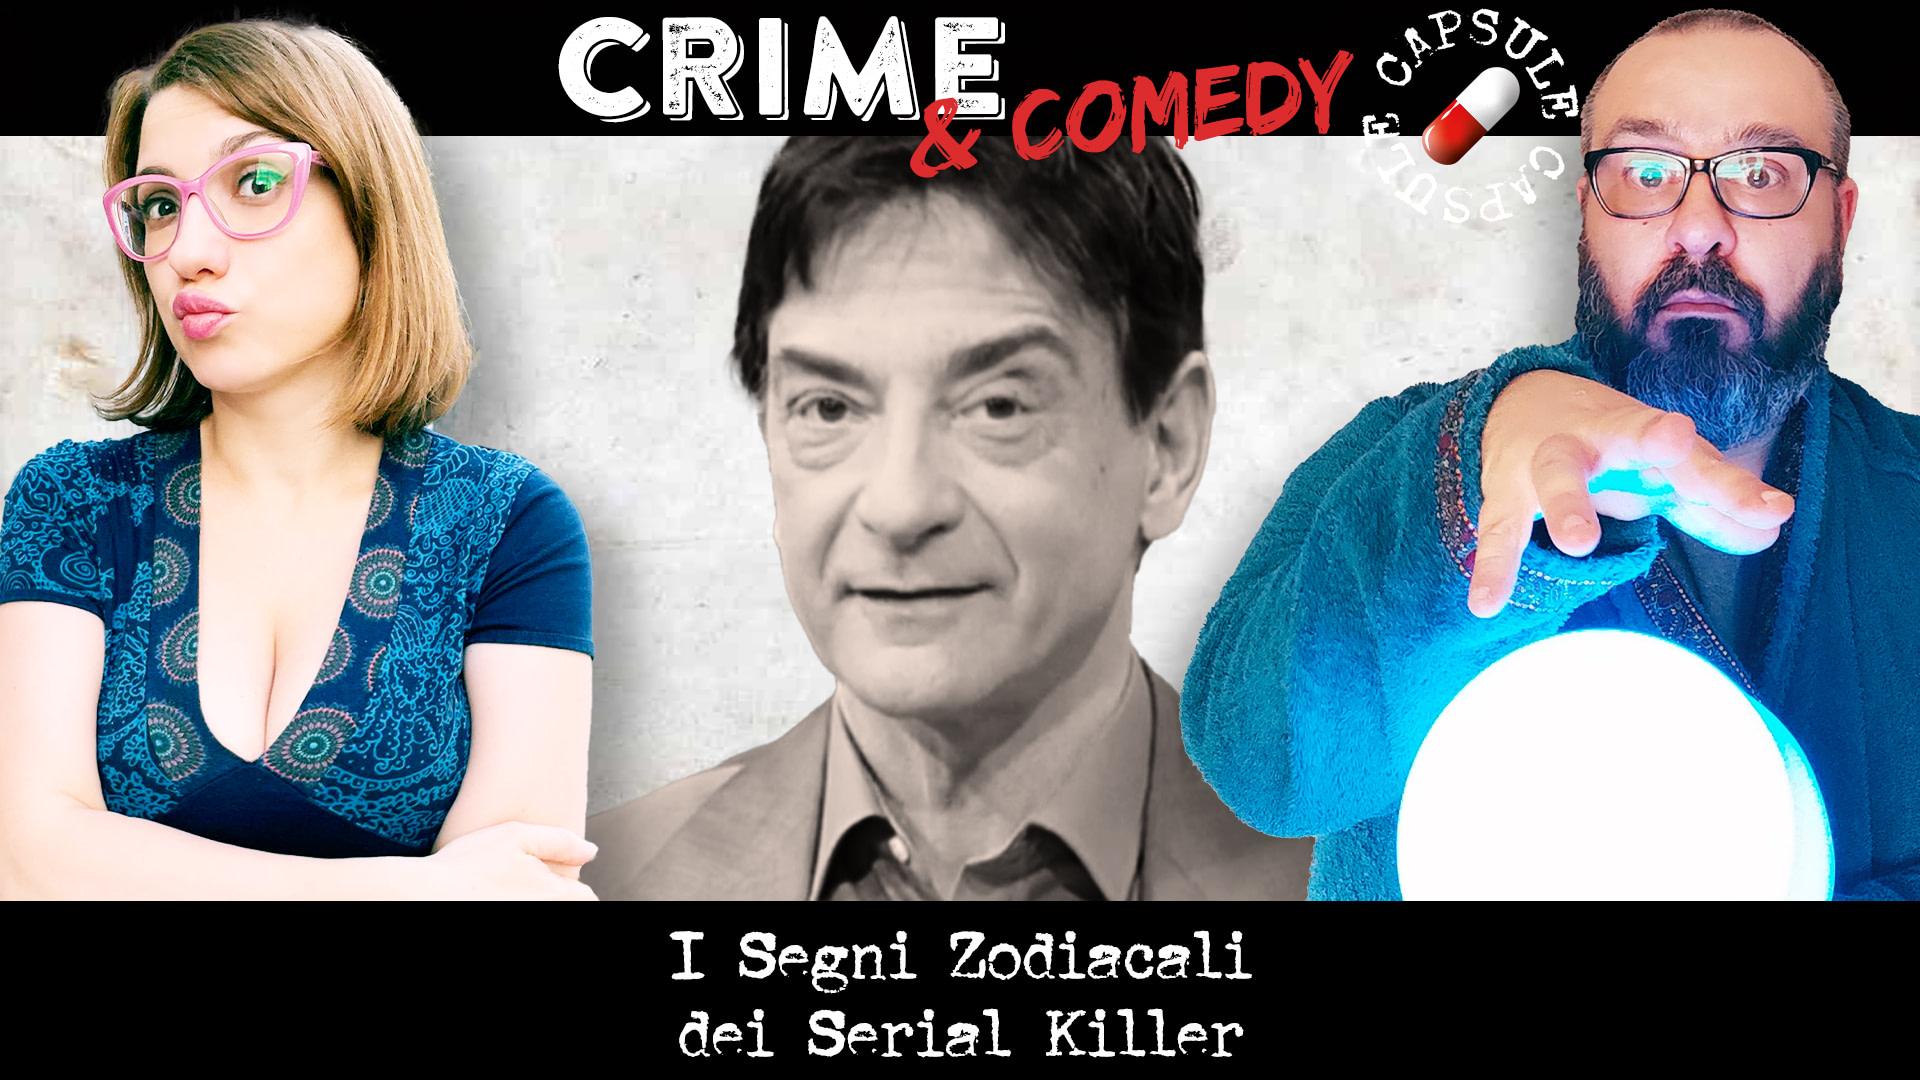 I Segni Zodiacali dei Serial Killer - Crime & Comedy Capsule